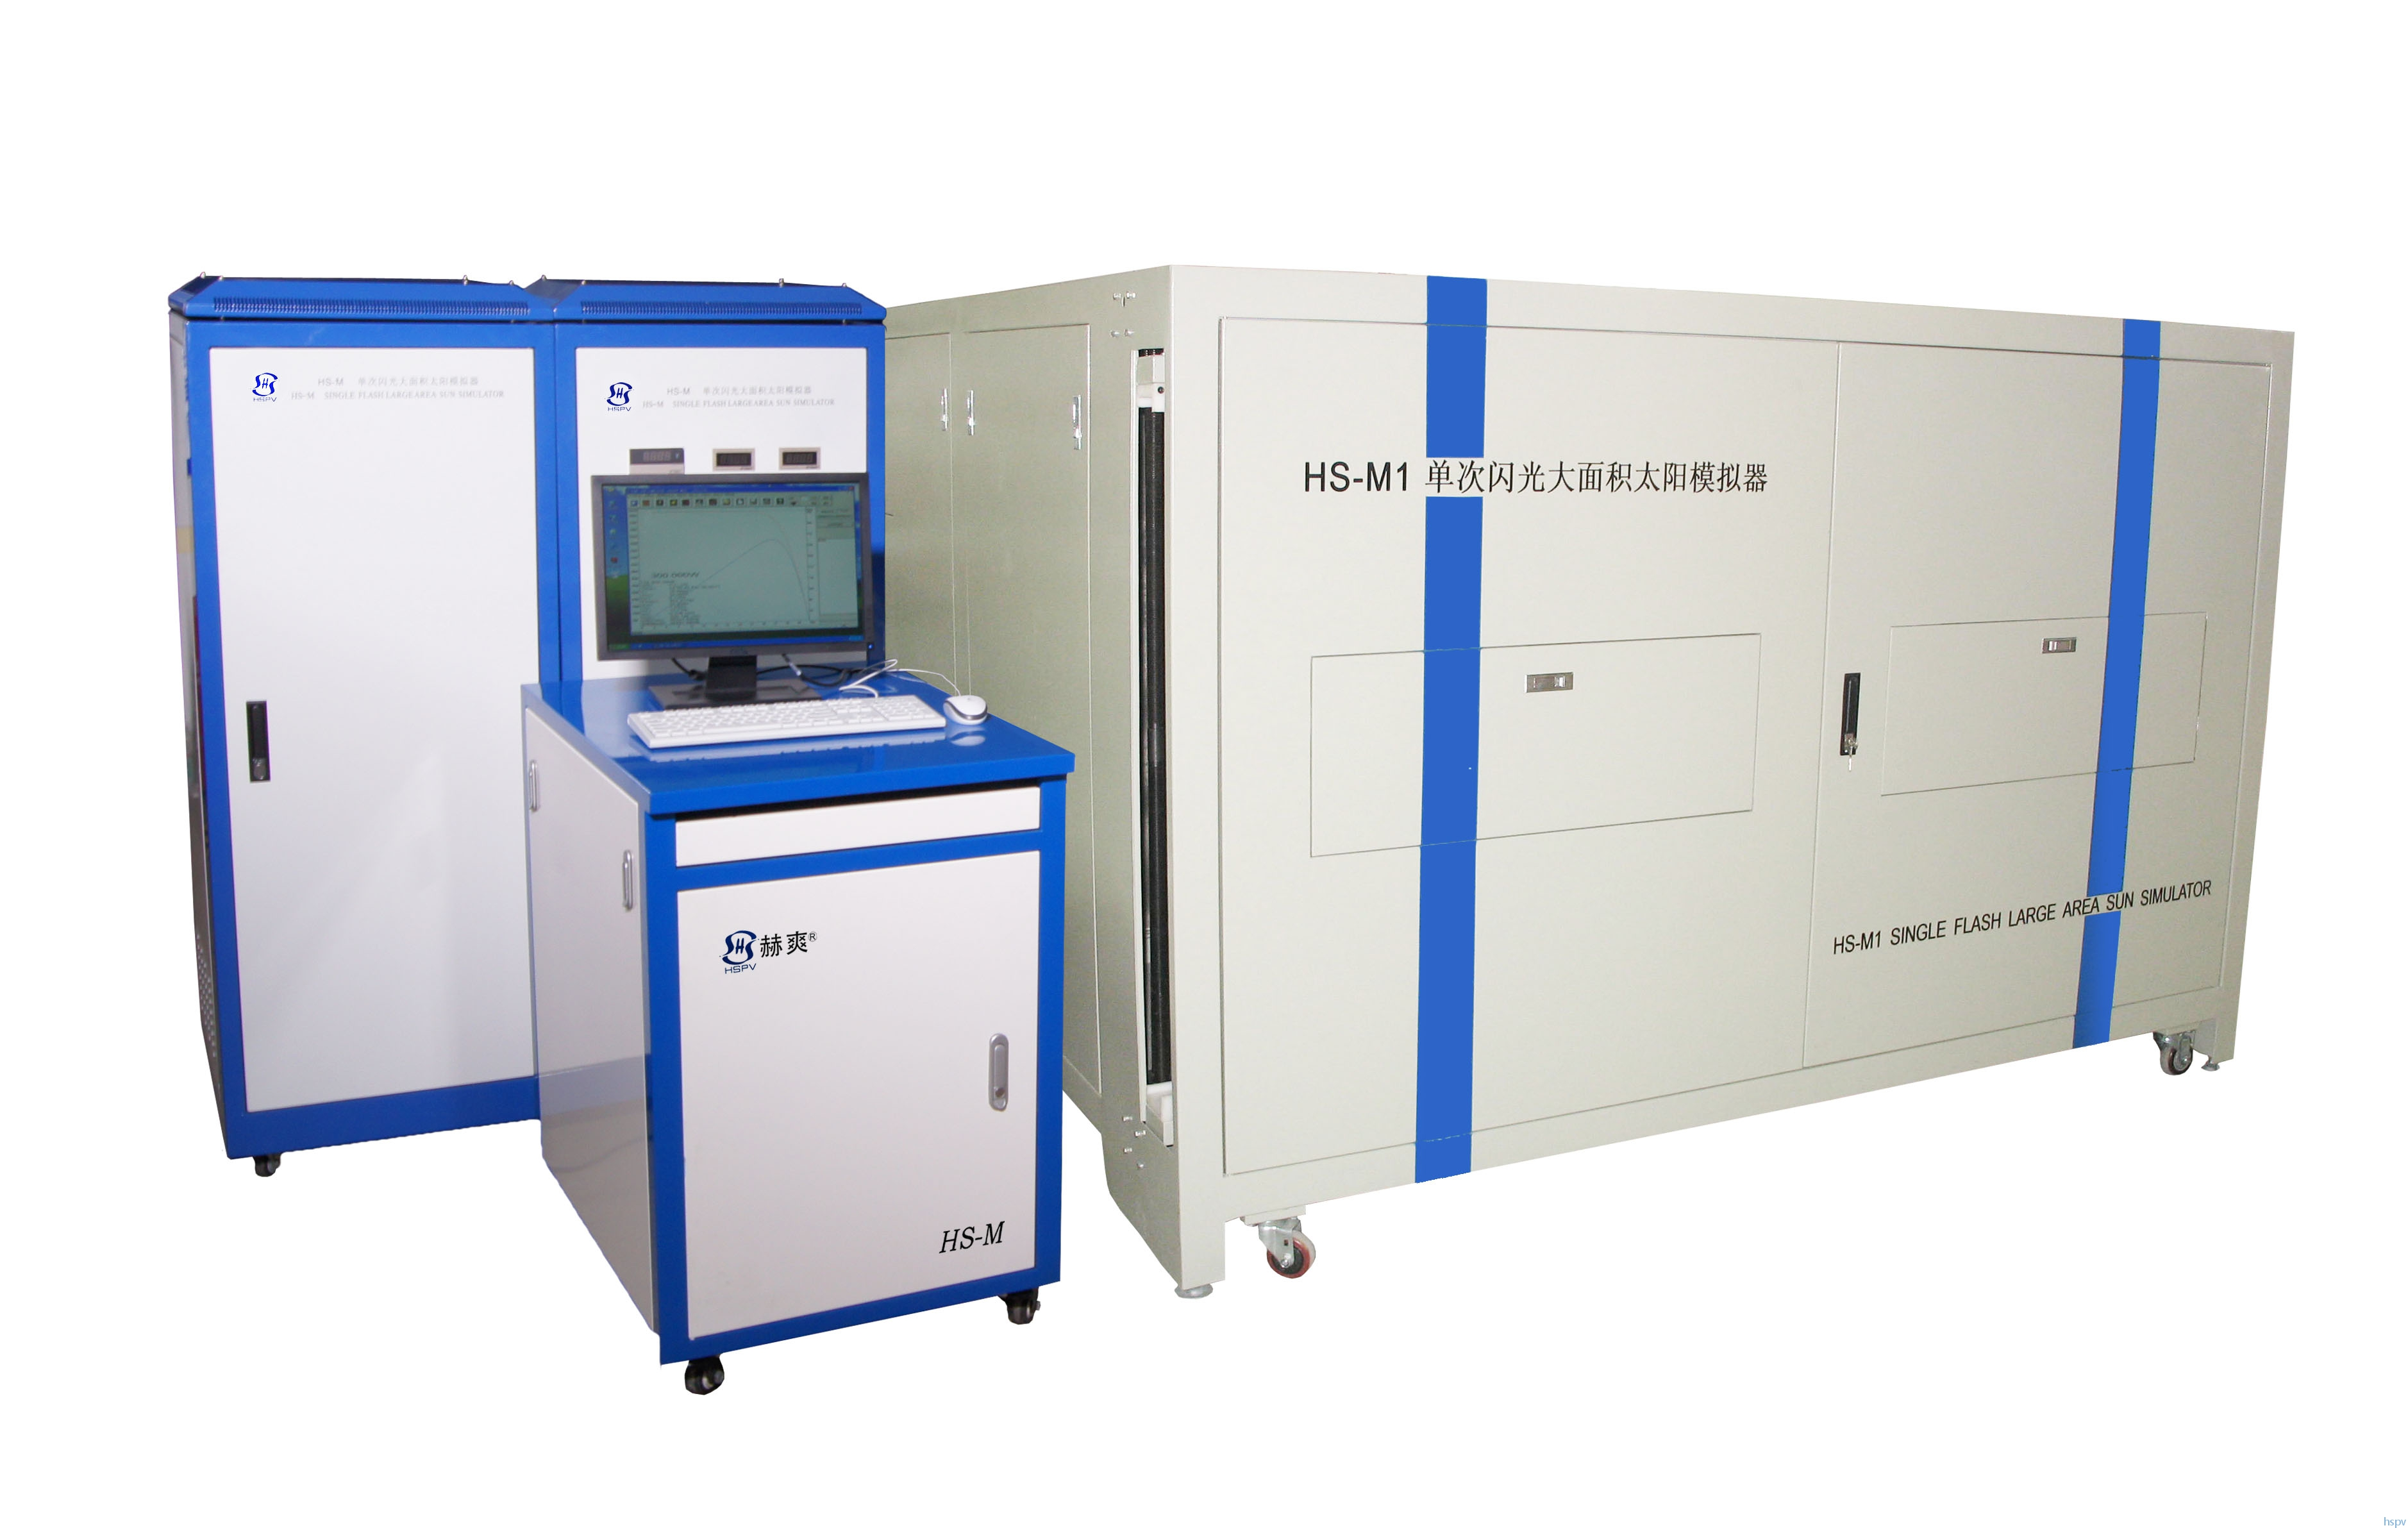 HSM1-2L 长脉宽组件测试仪